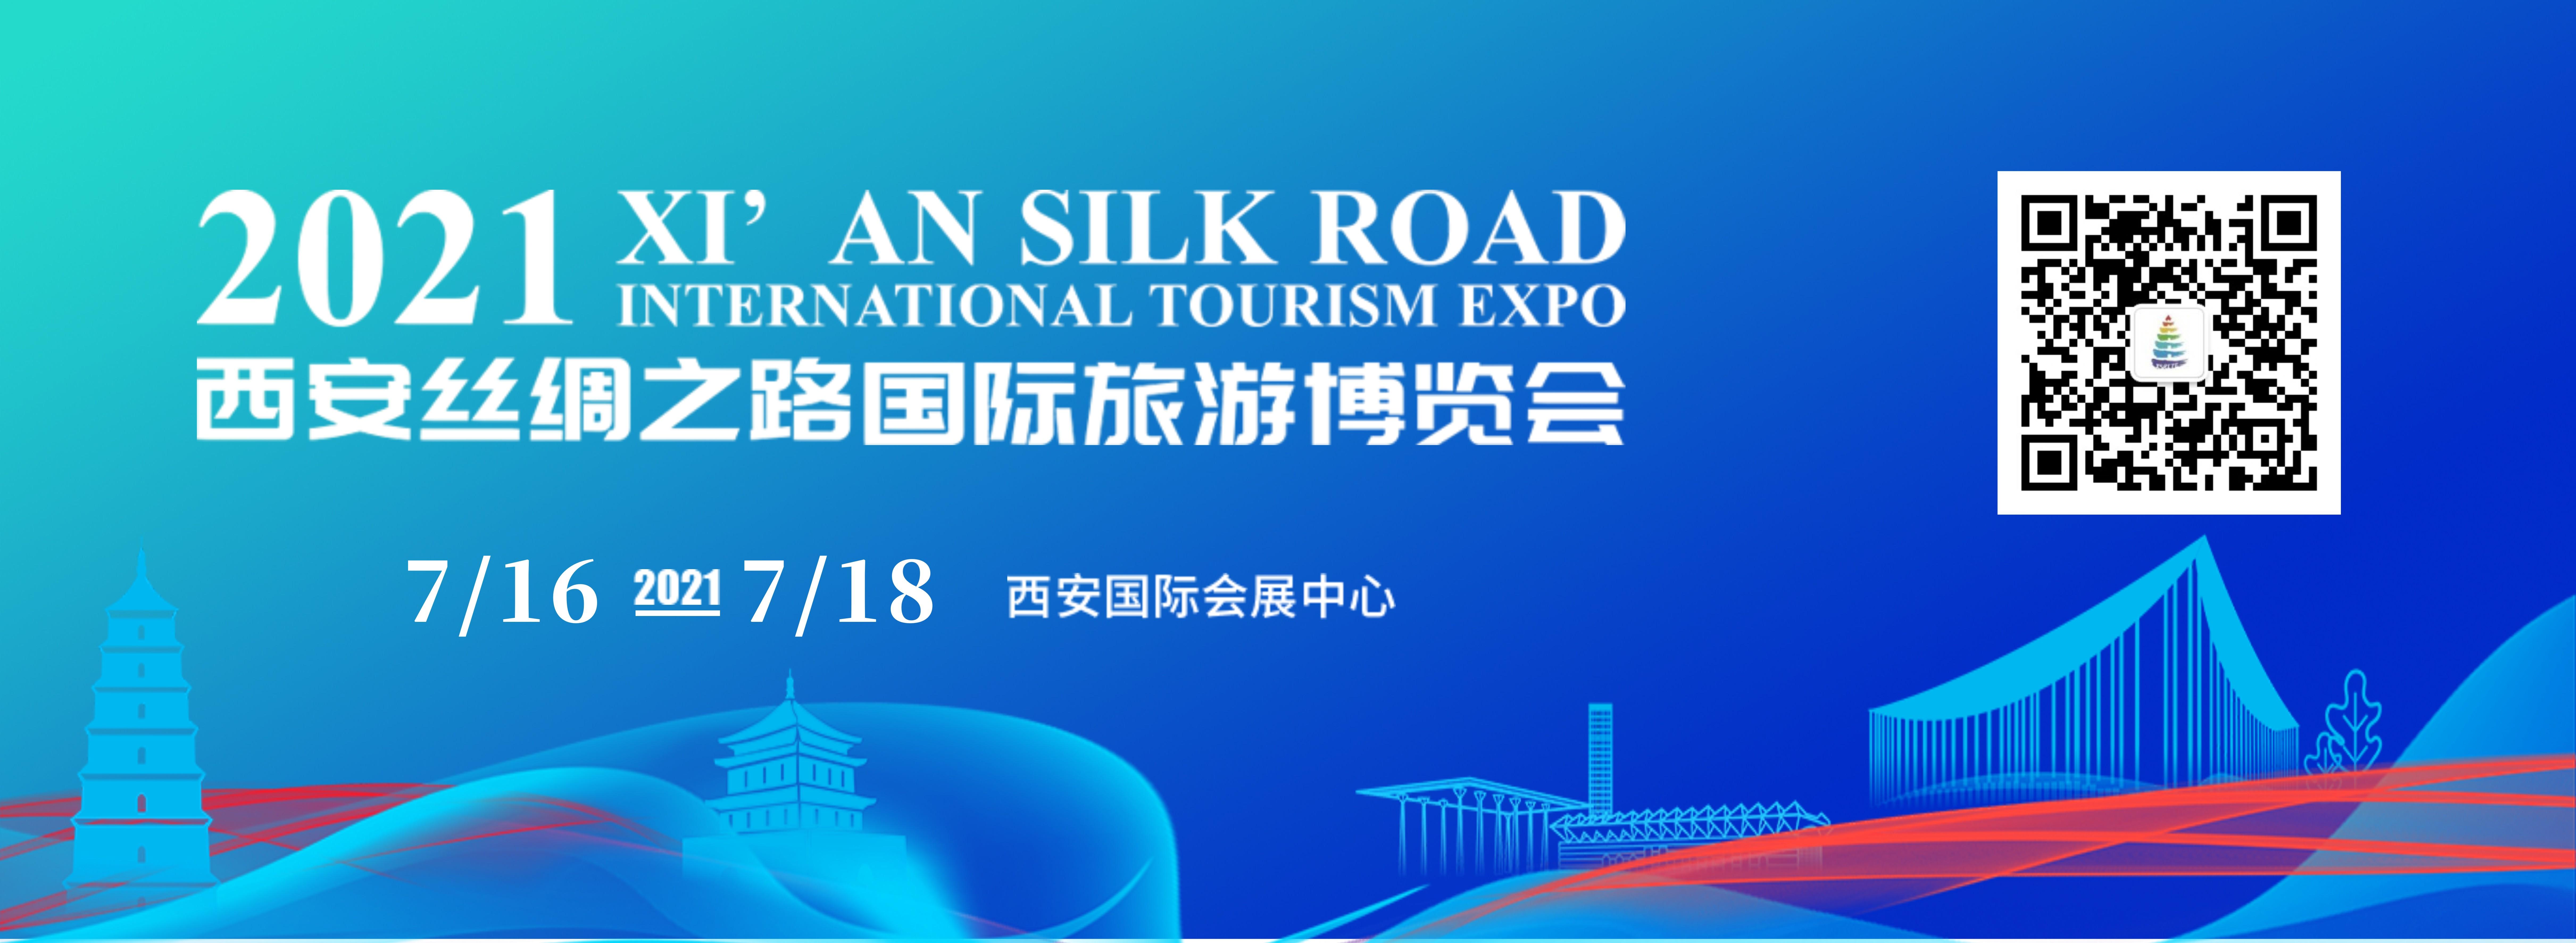 西安丝绸之路国际旅游博览会